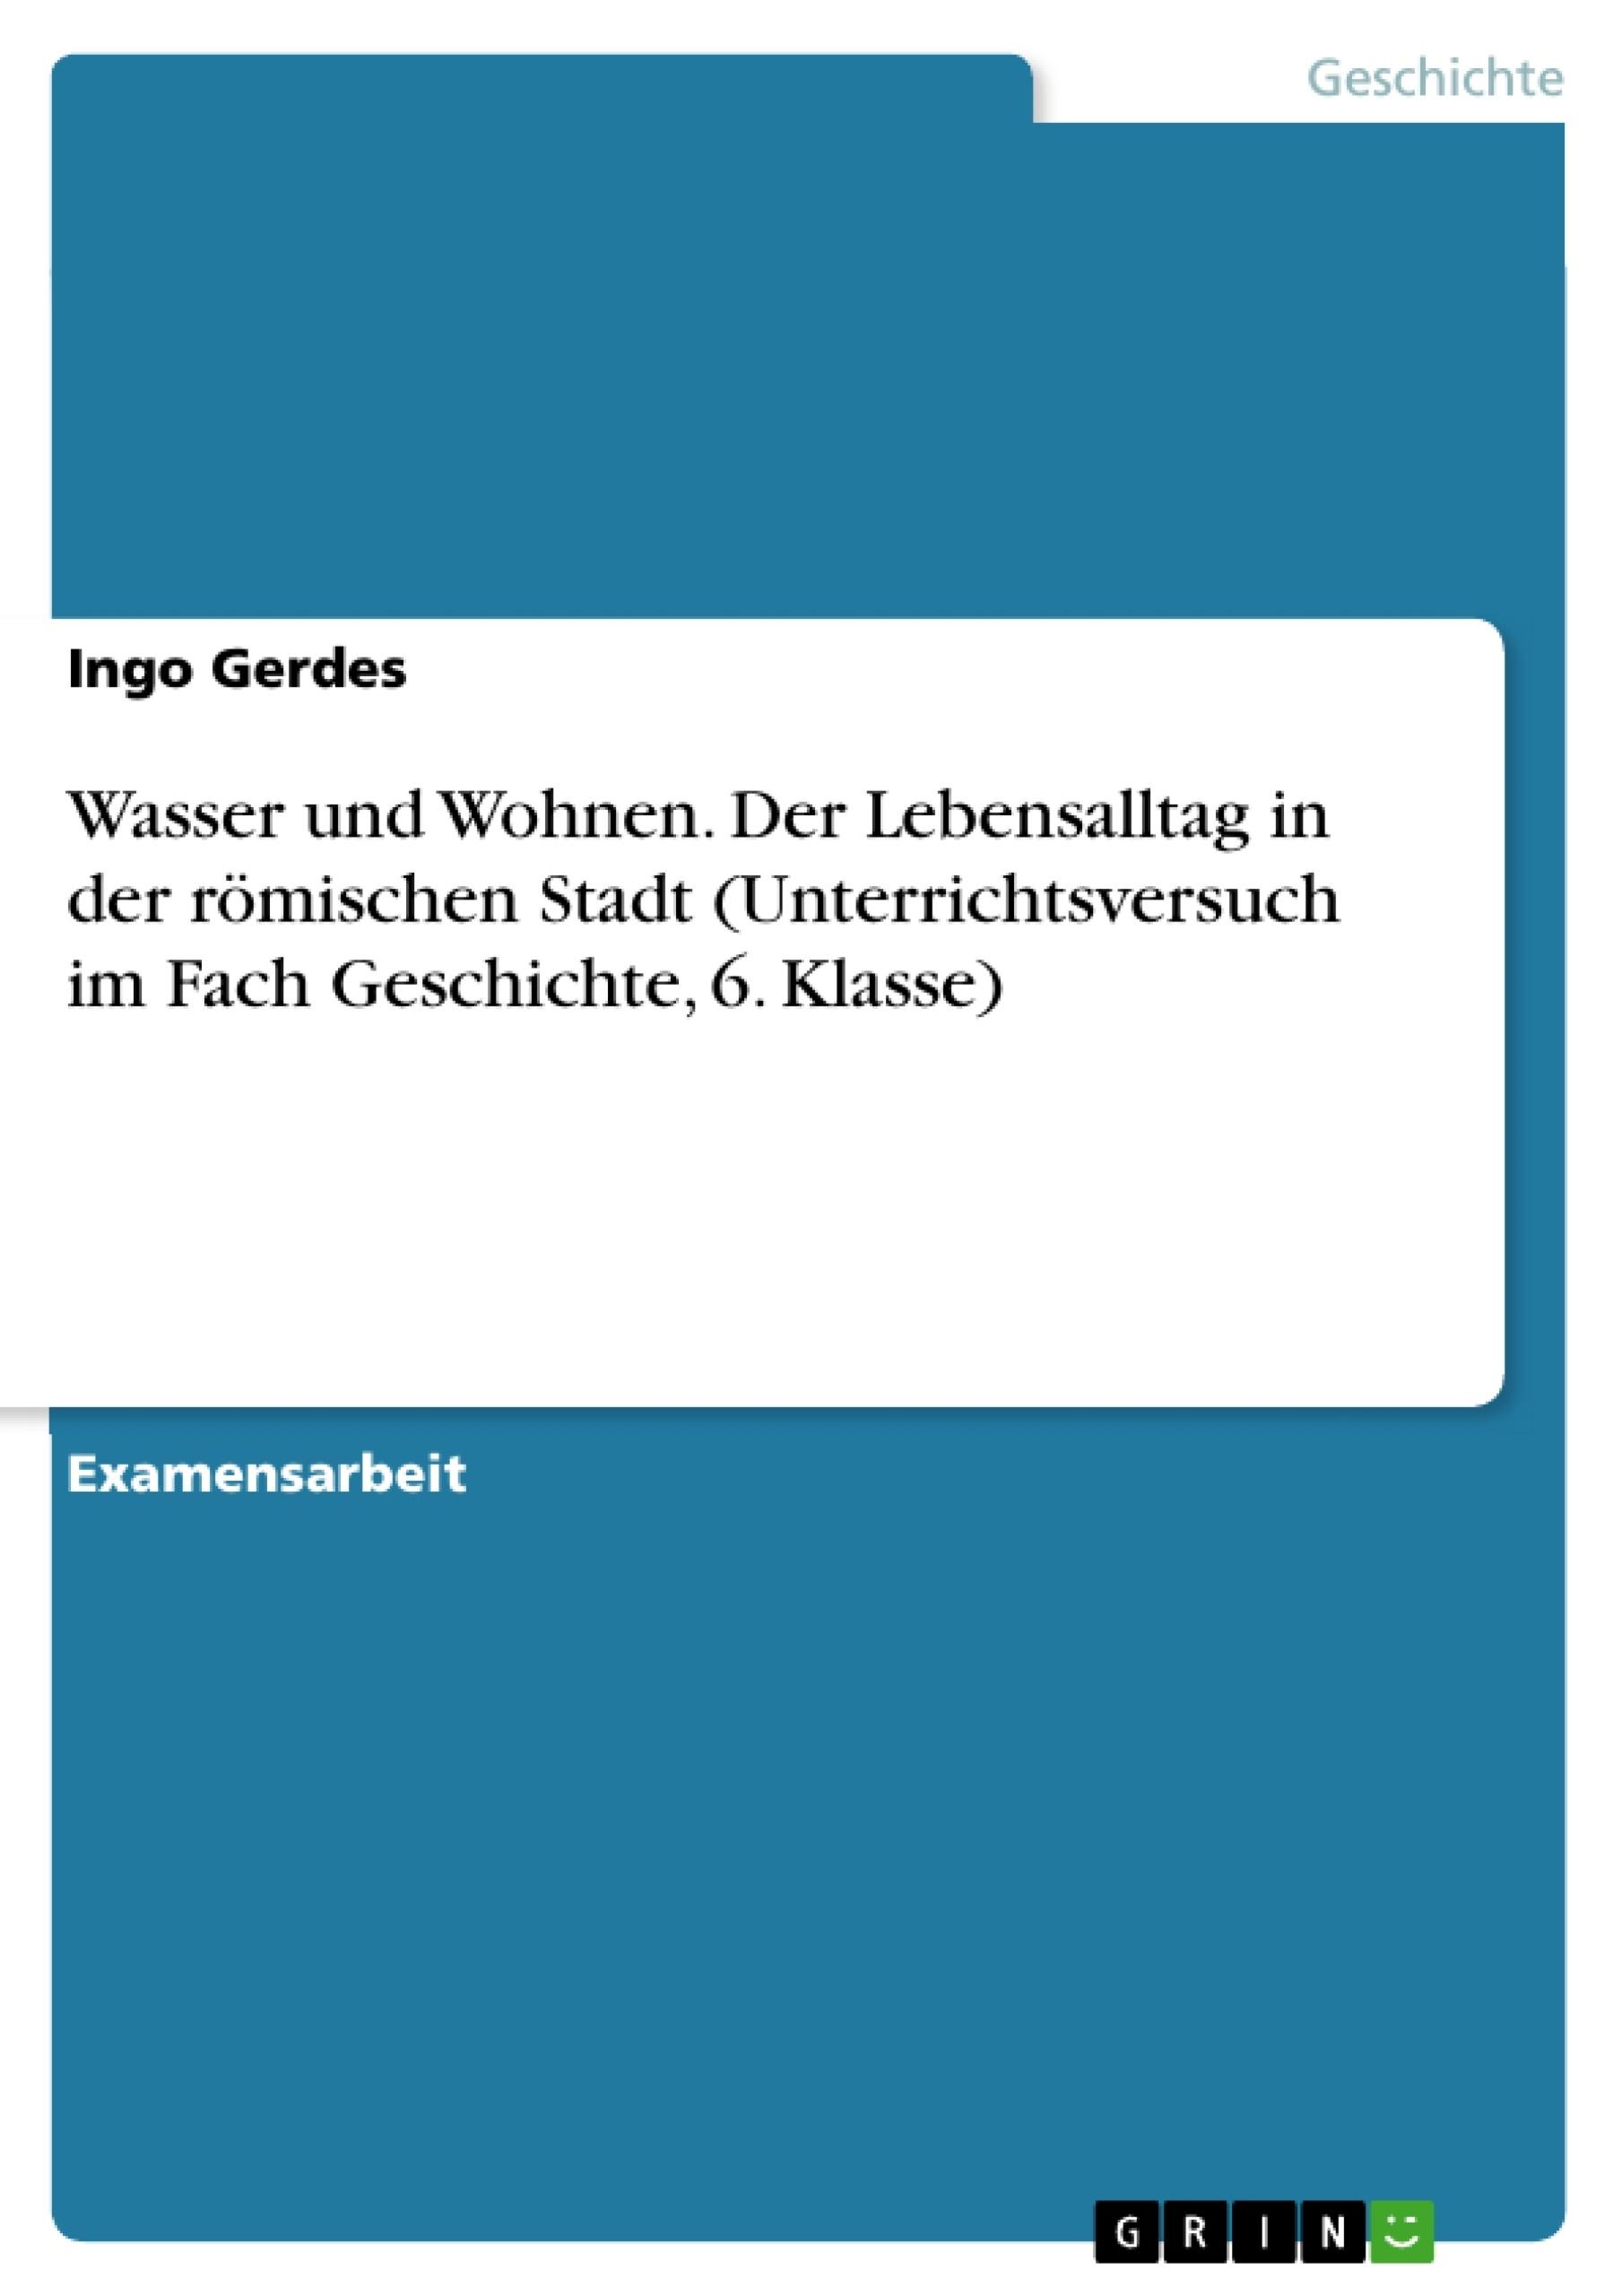 Titel: Wasser und Wohnen. Der Lebensalltag in der römischen Stadt (Unterrichtsversuch im Fach Geschichte, 6. Klasse)